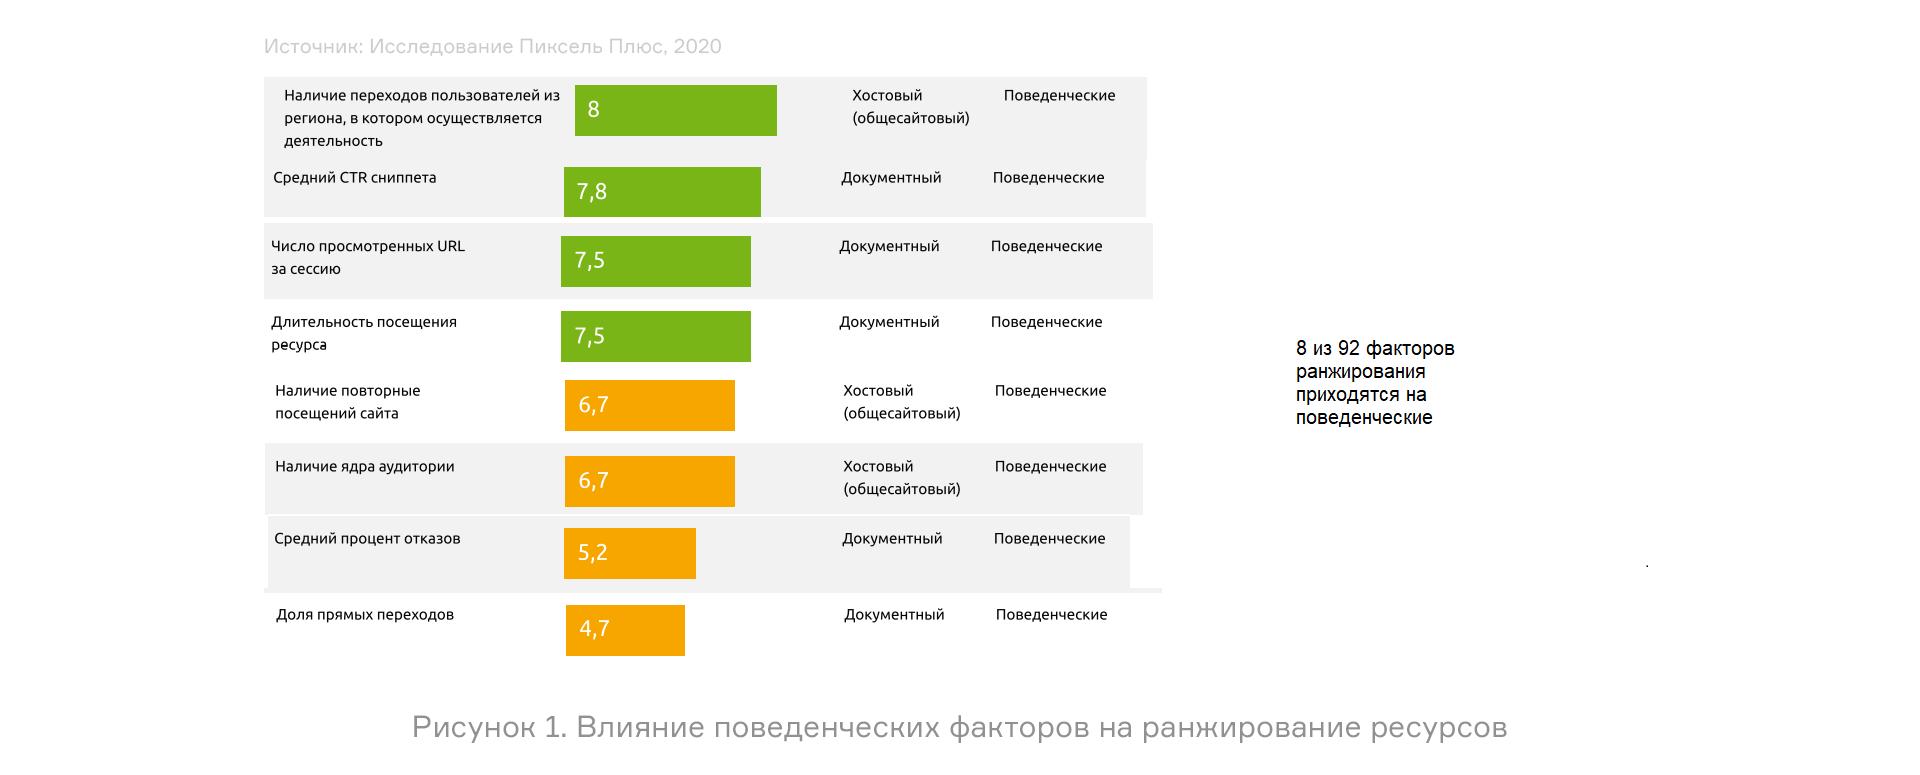 Поведенческие факторы яндекс 1-й Басманный переулок размещение по каталогам Улица Александровка